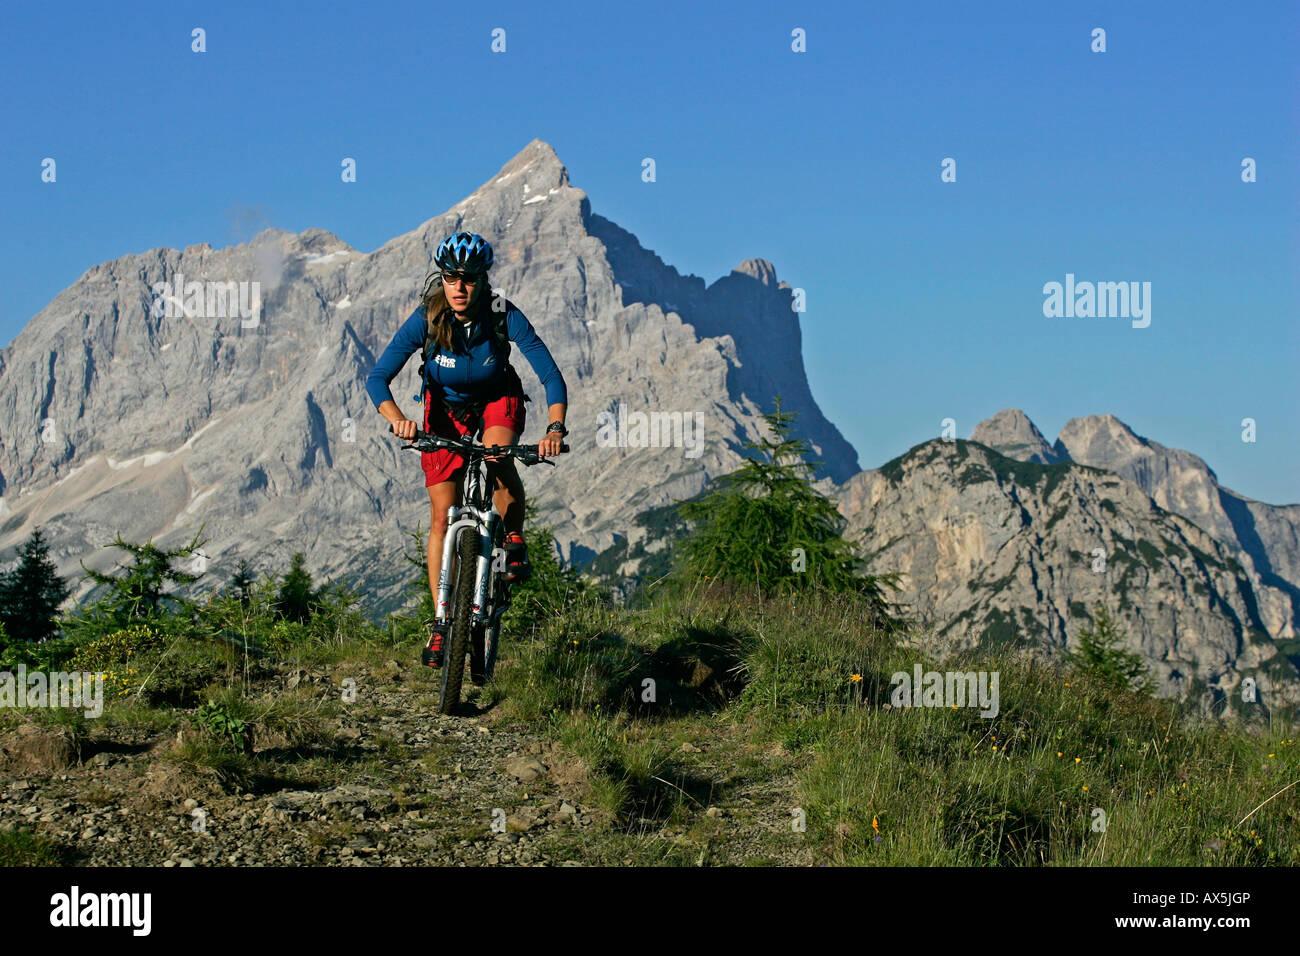 Weibliche Mountainbiker, Mt. Civetta im Hintergrund, Dolomiten, Norditalien, Europa Stockbild